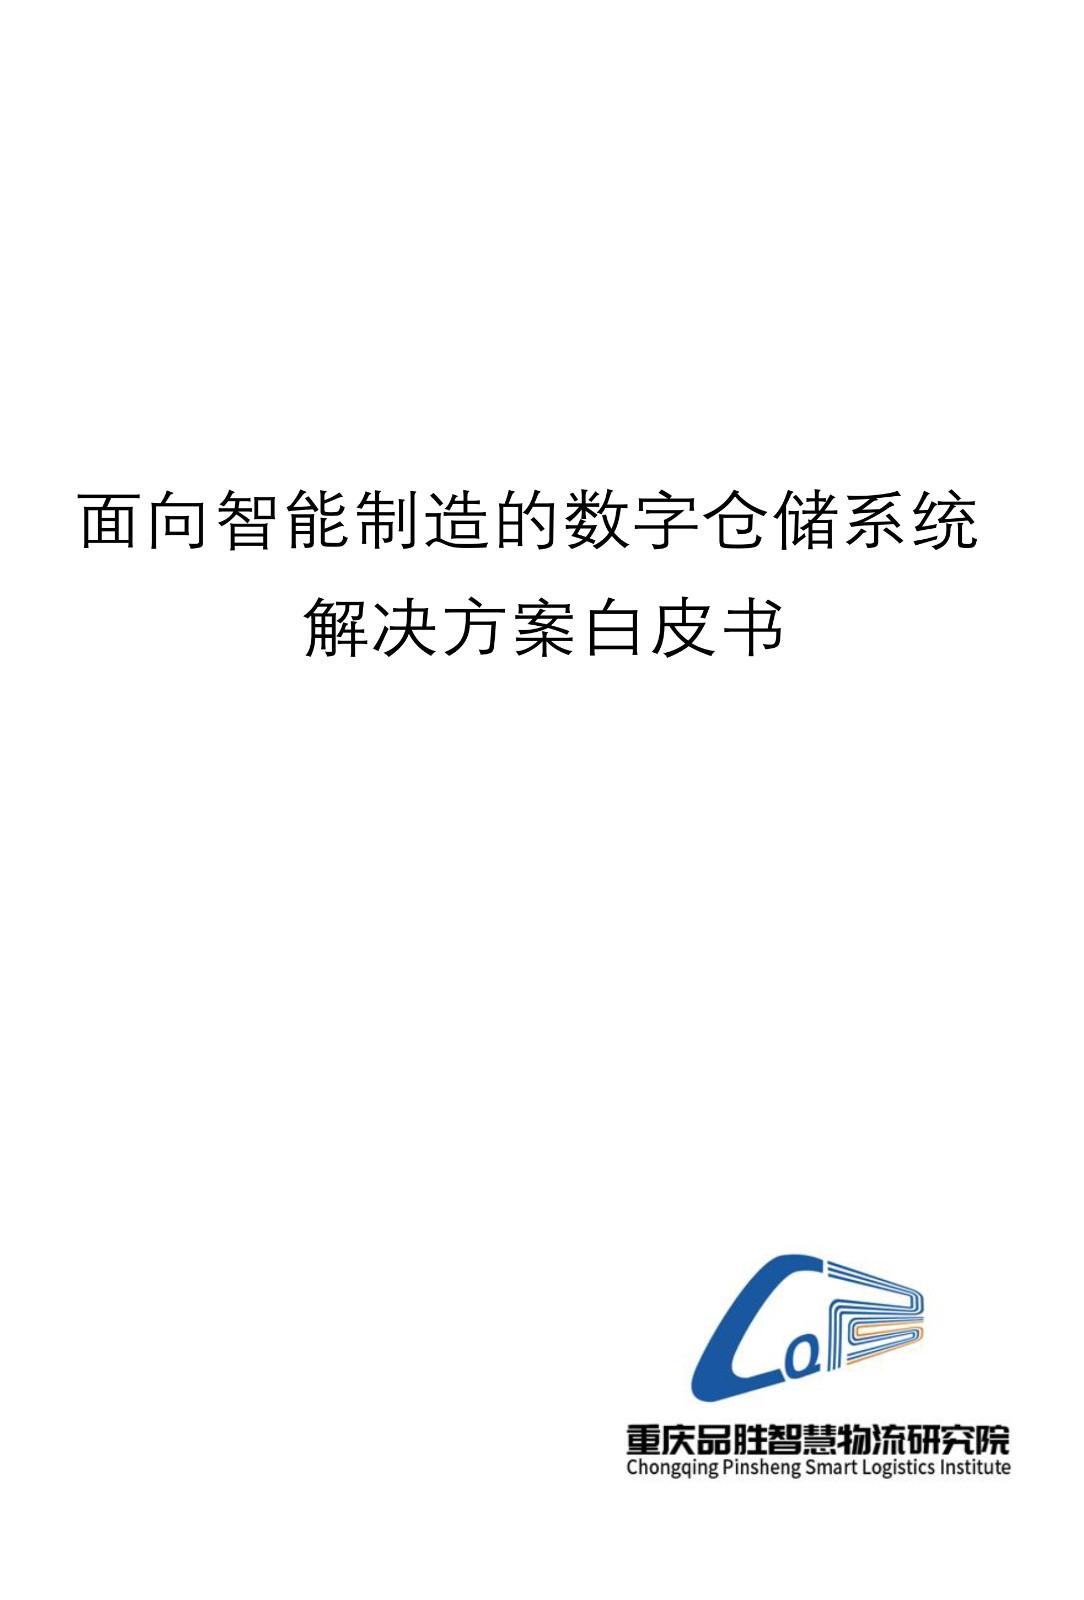 面向智能制造的数字仓储系统解决方案-白皮书V2-1.jpg